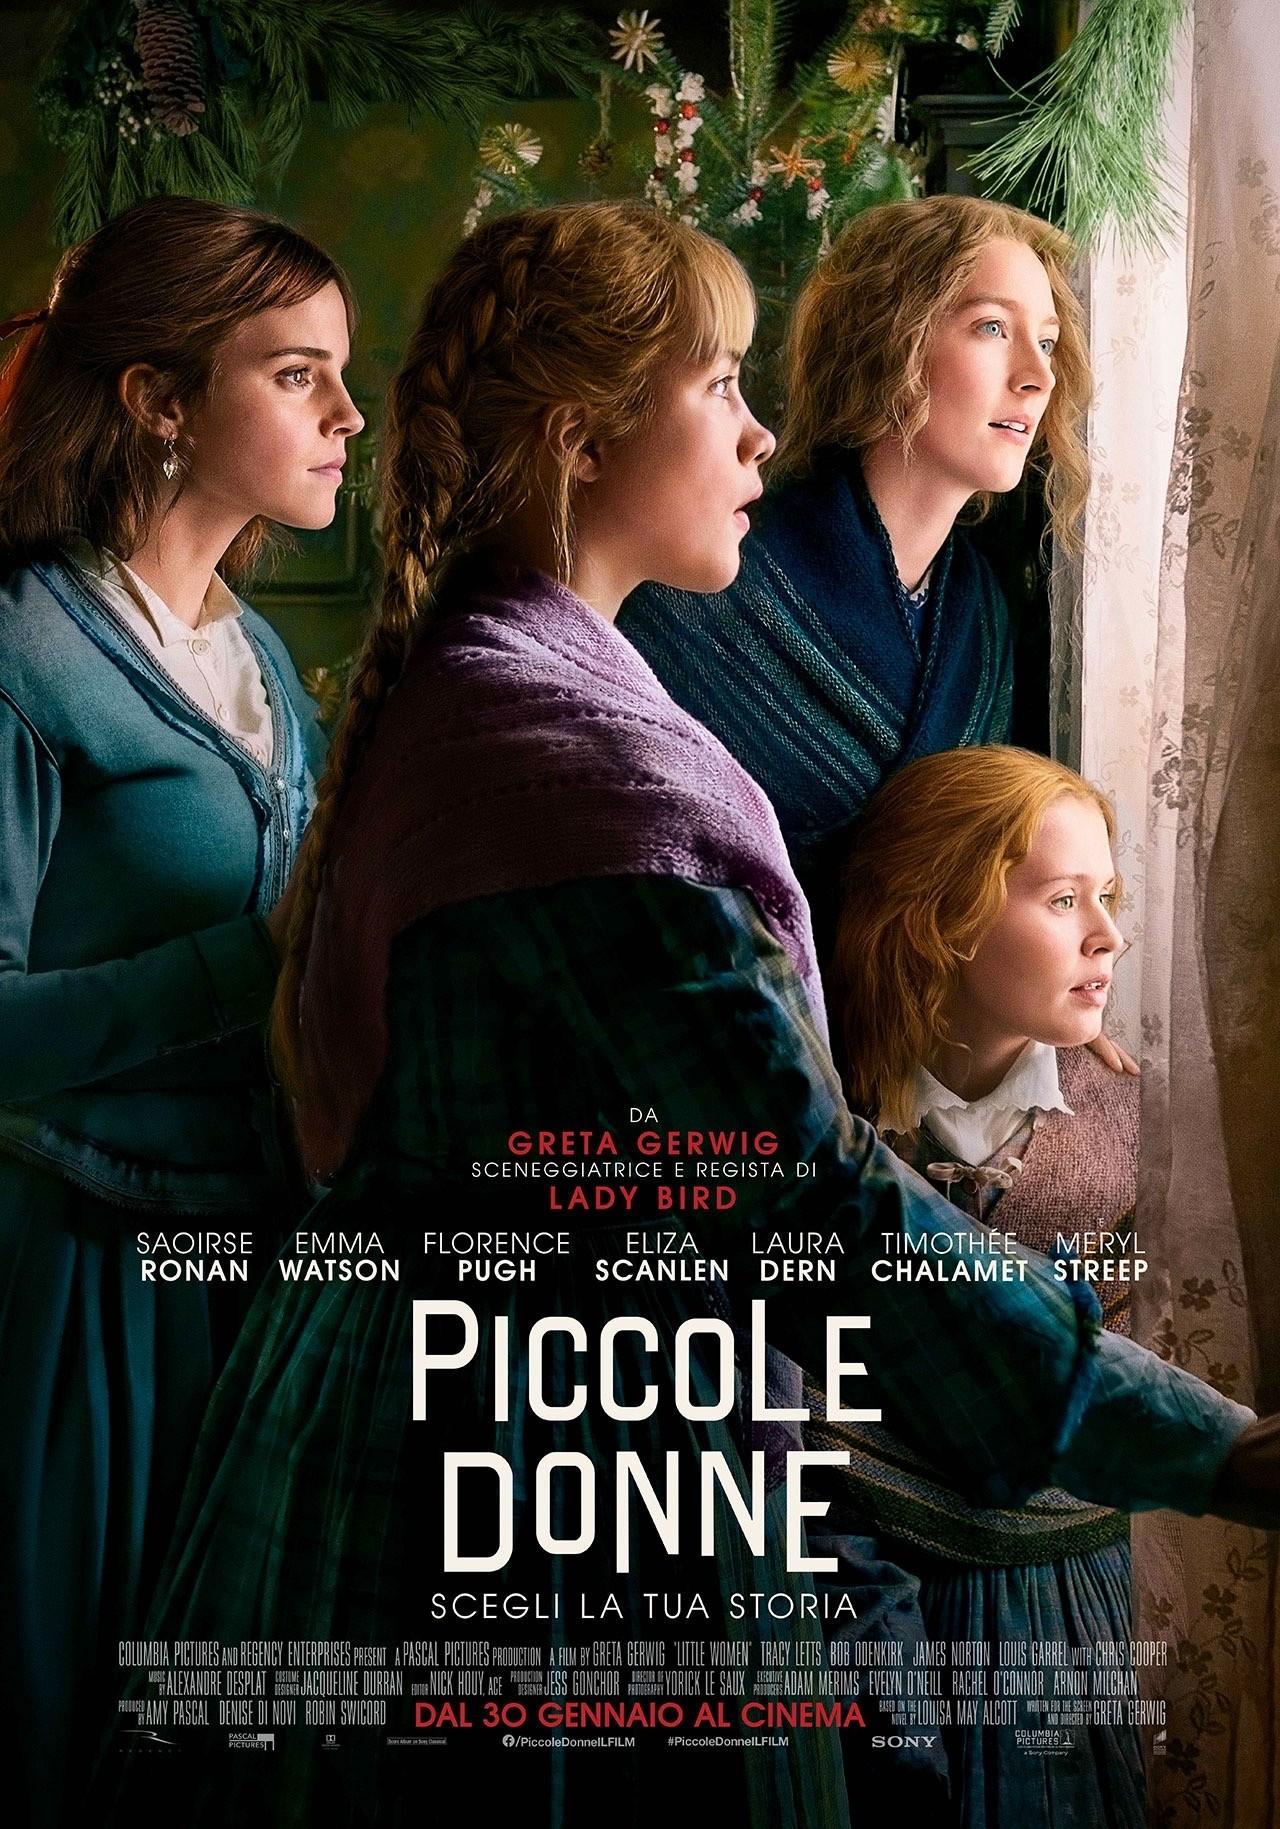 Piccole donne: il poster